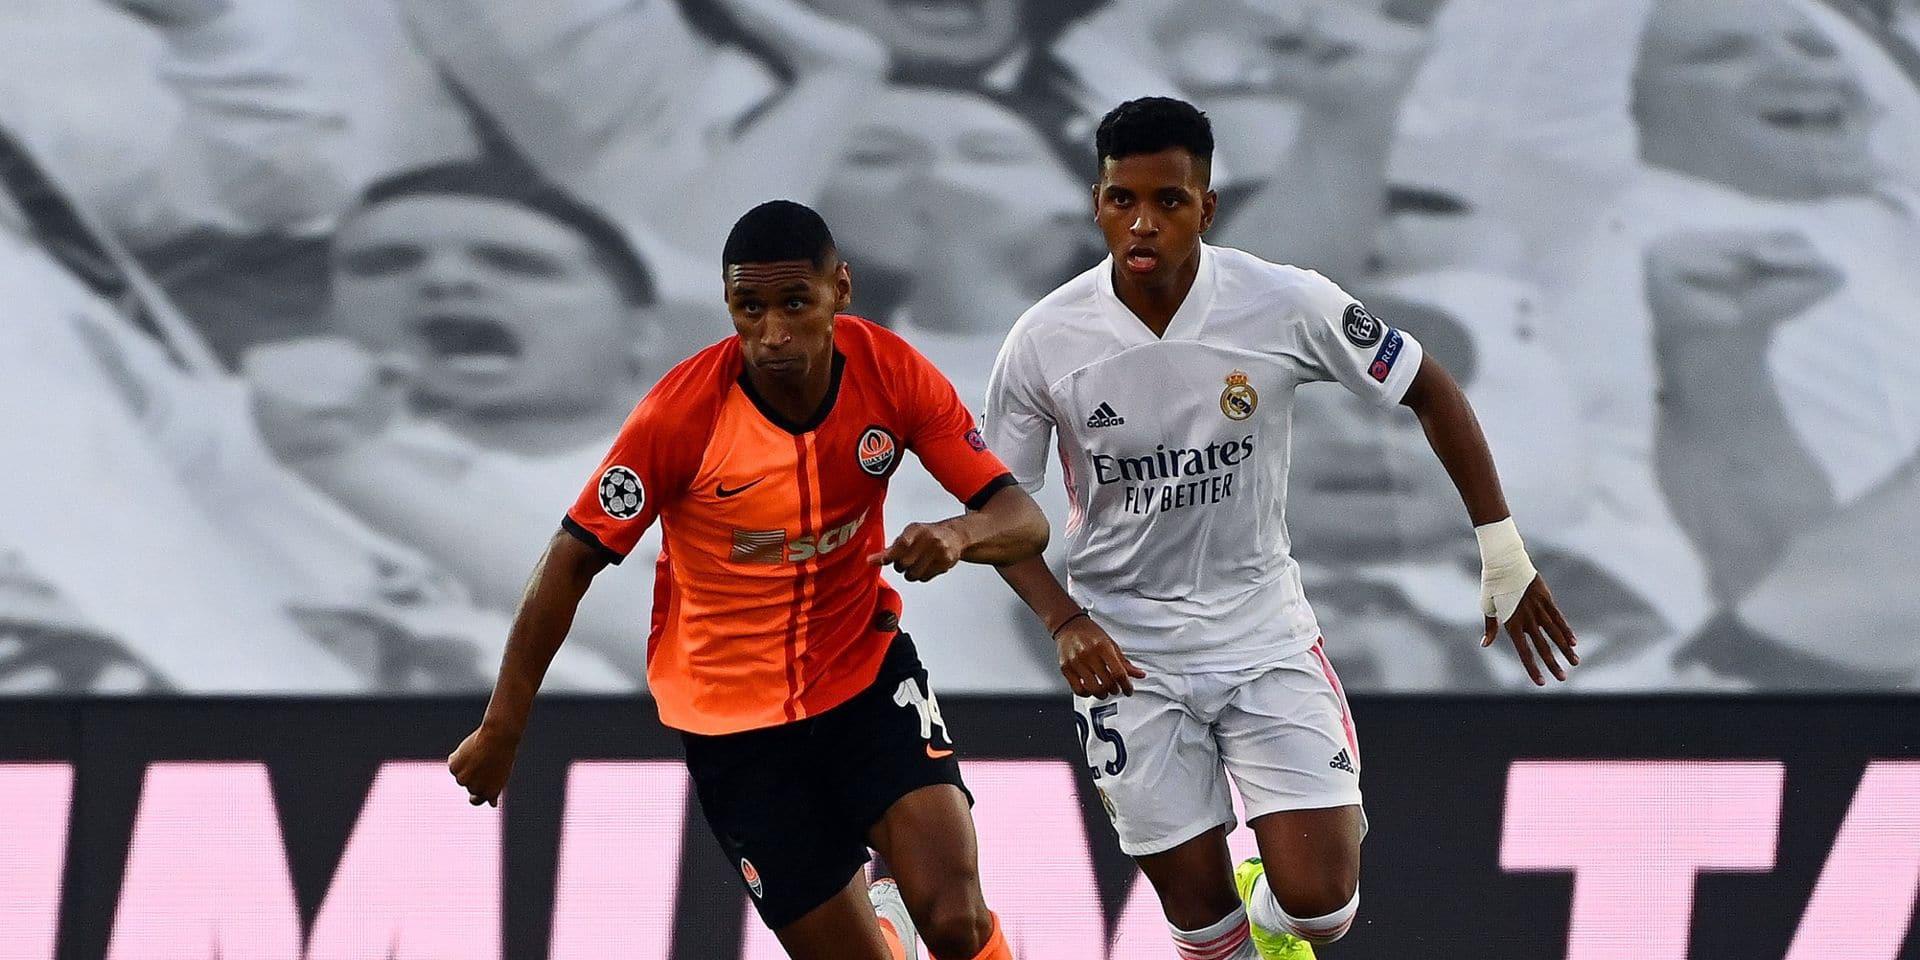 Champions League: après une première mi-temps catastrophique, le Real Madrid s'incline face au Shakhtar Donetsk (2-3)